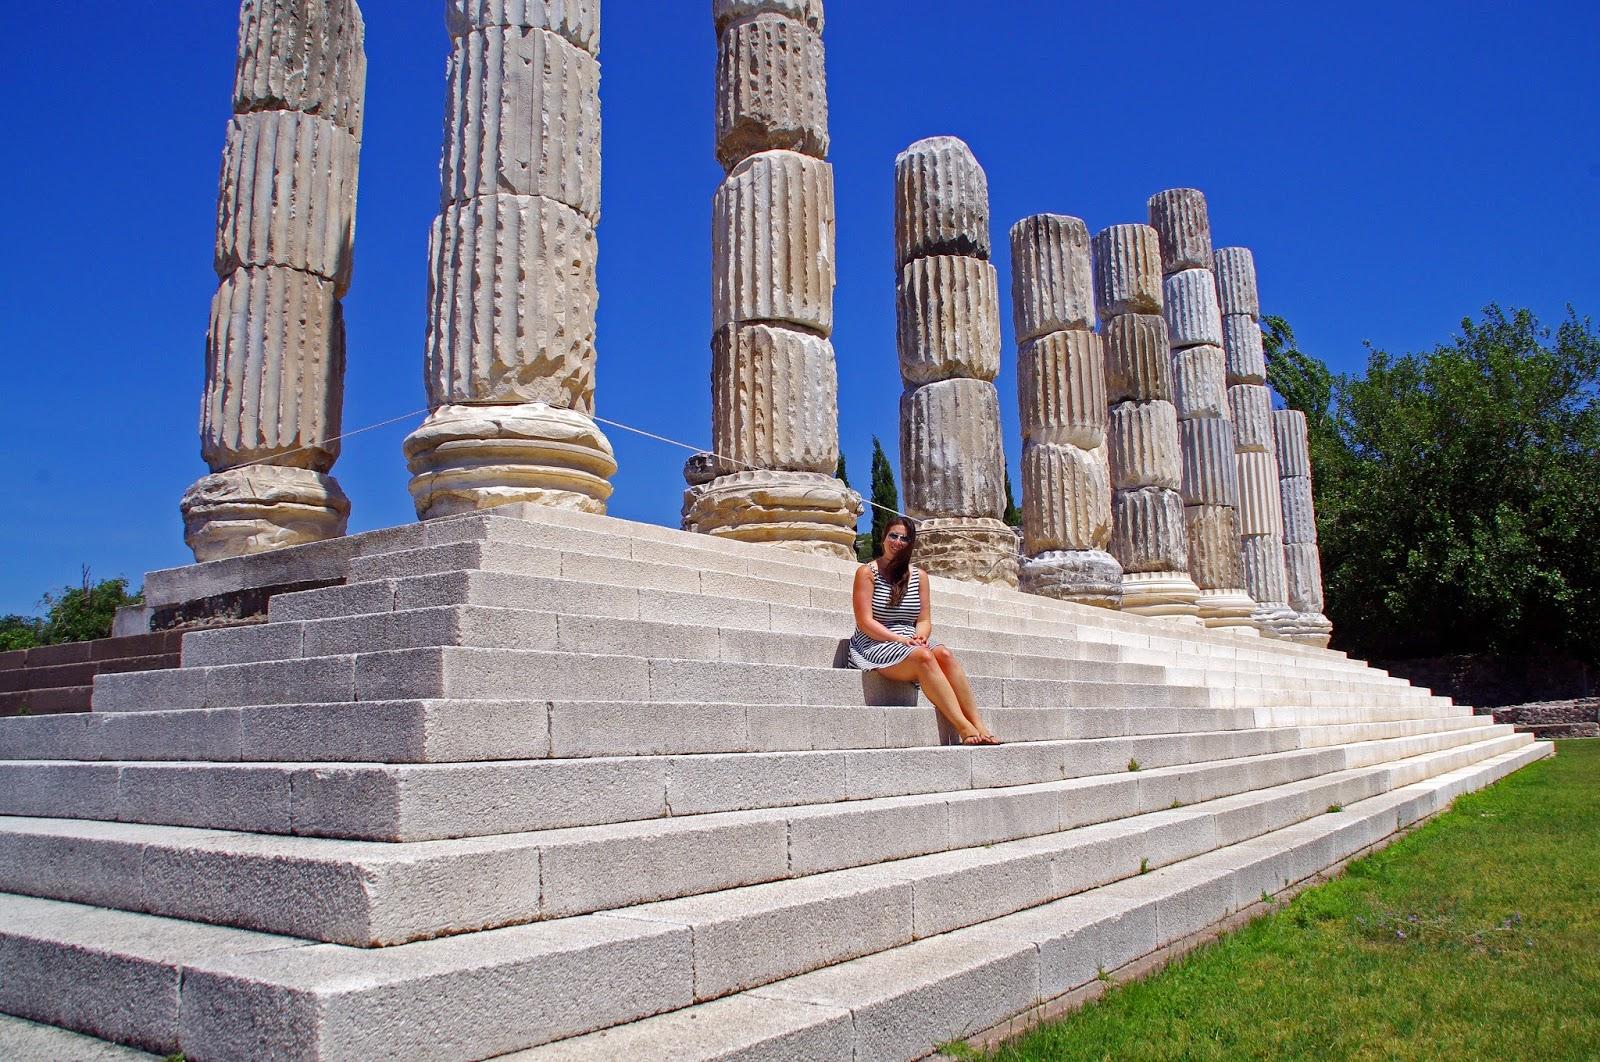 Simone sitting on steps of Apollon Symintheion ruins